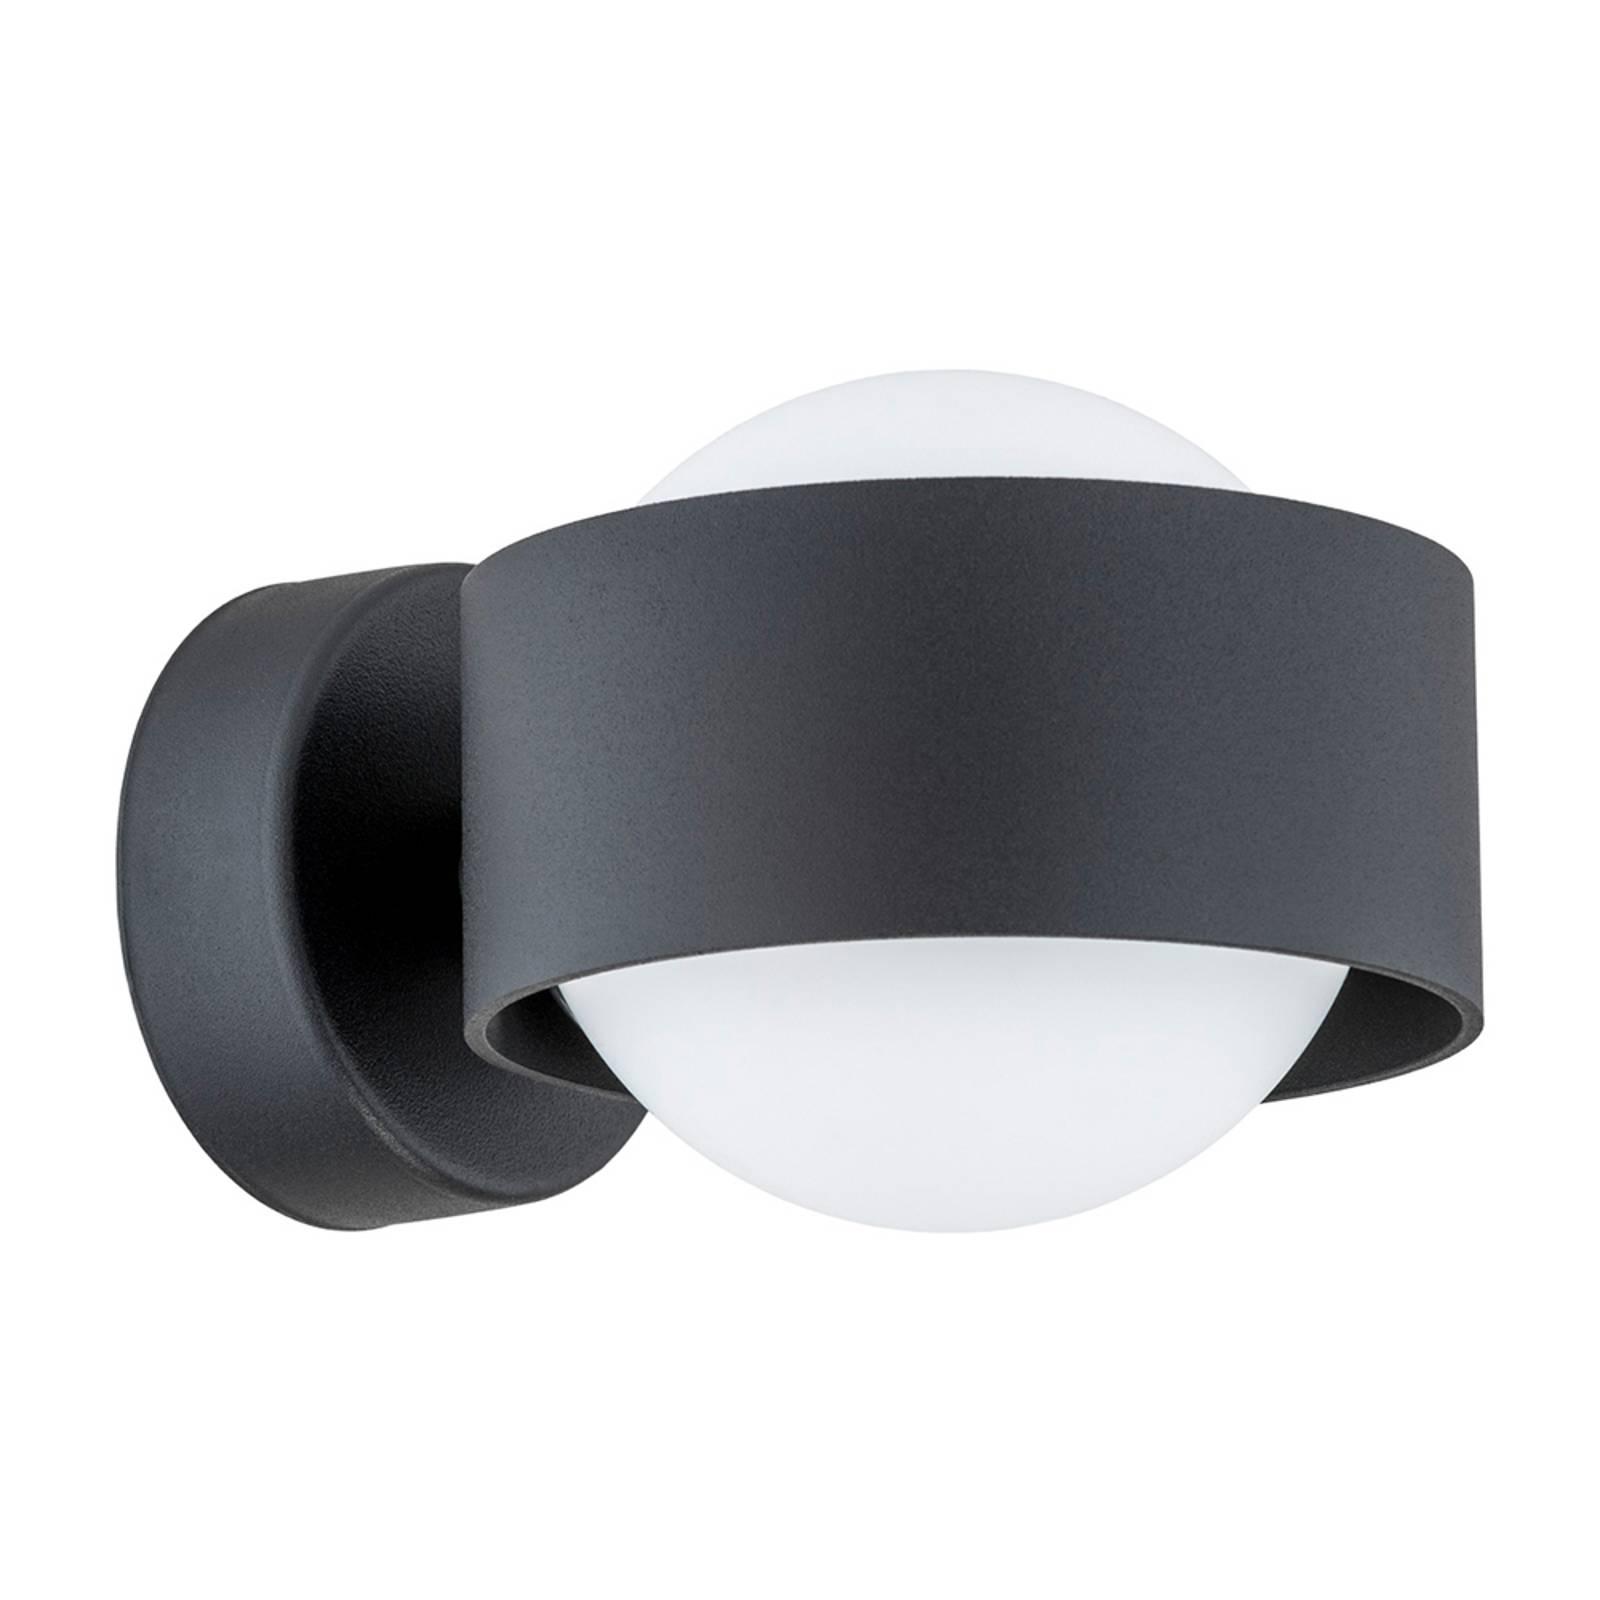 Kylpyhuoneen LED-seinälamppu Macedo, musta